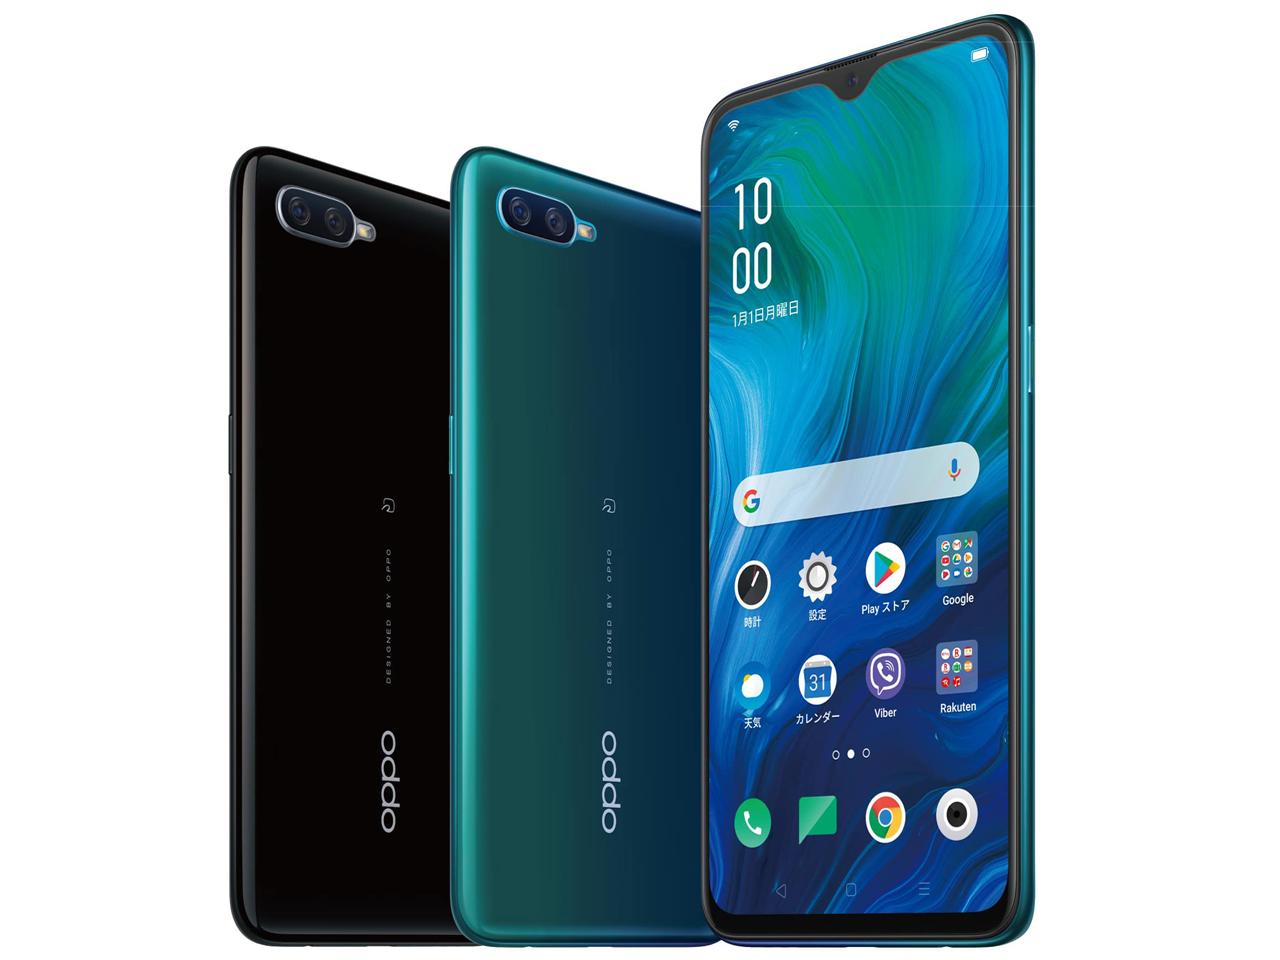 【即納・在庫あり・5%還元対象】Oppo Reno A「ブルー」 6GB/64GB SIMフリー CPH1983 JAN:4580038877219